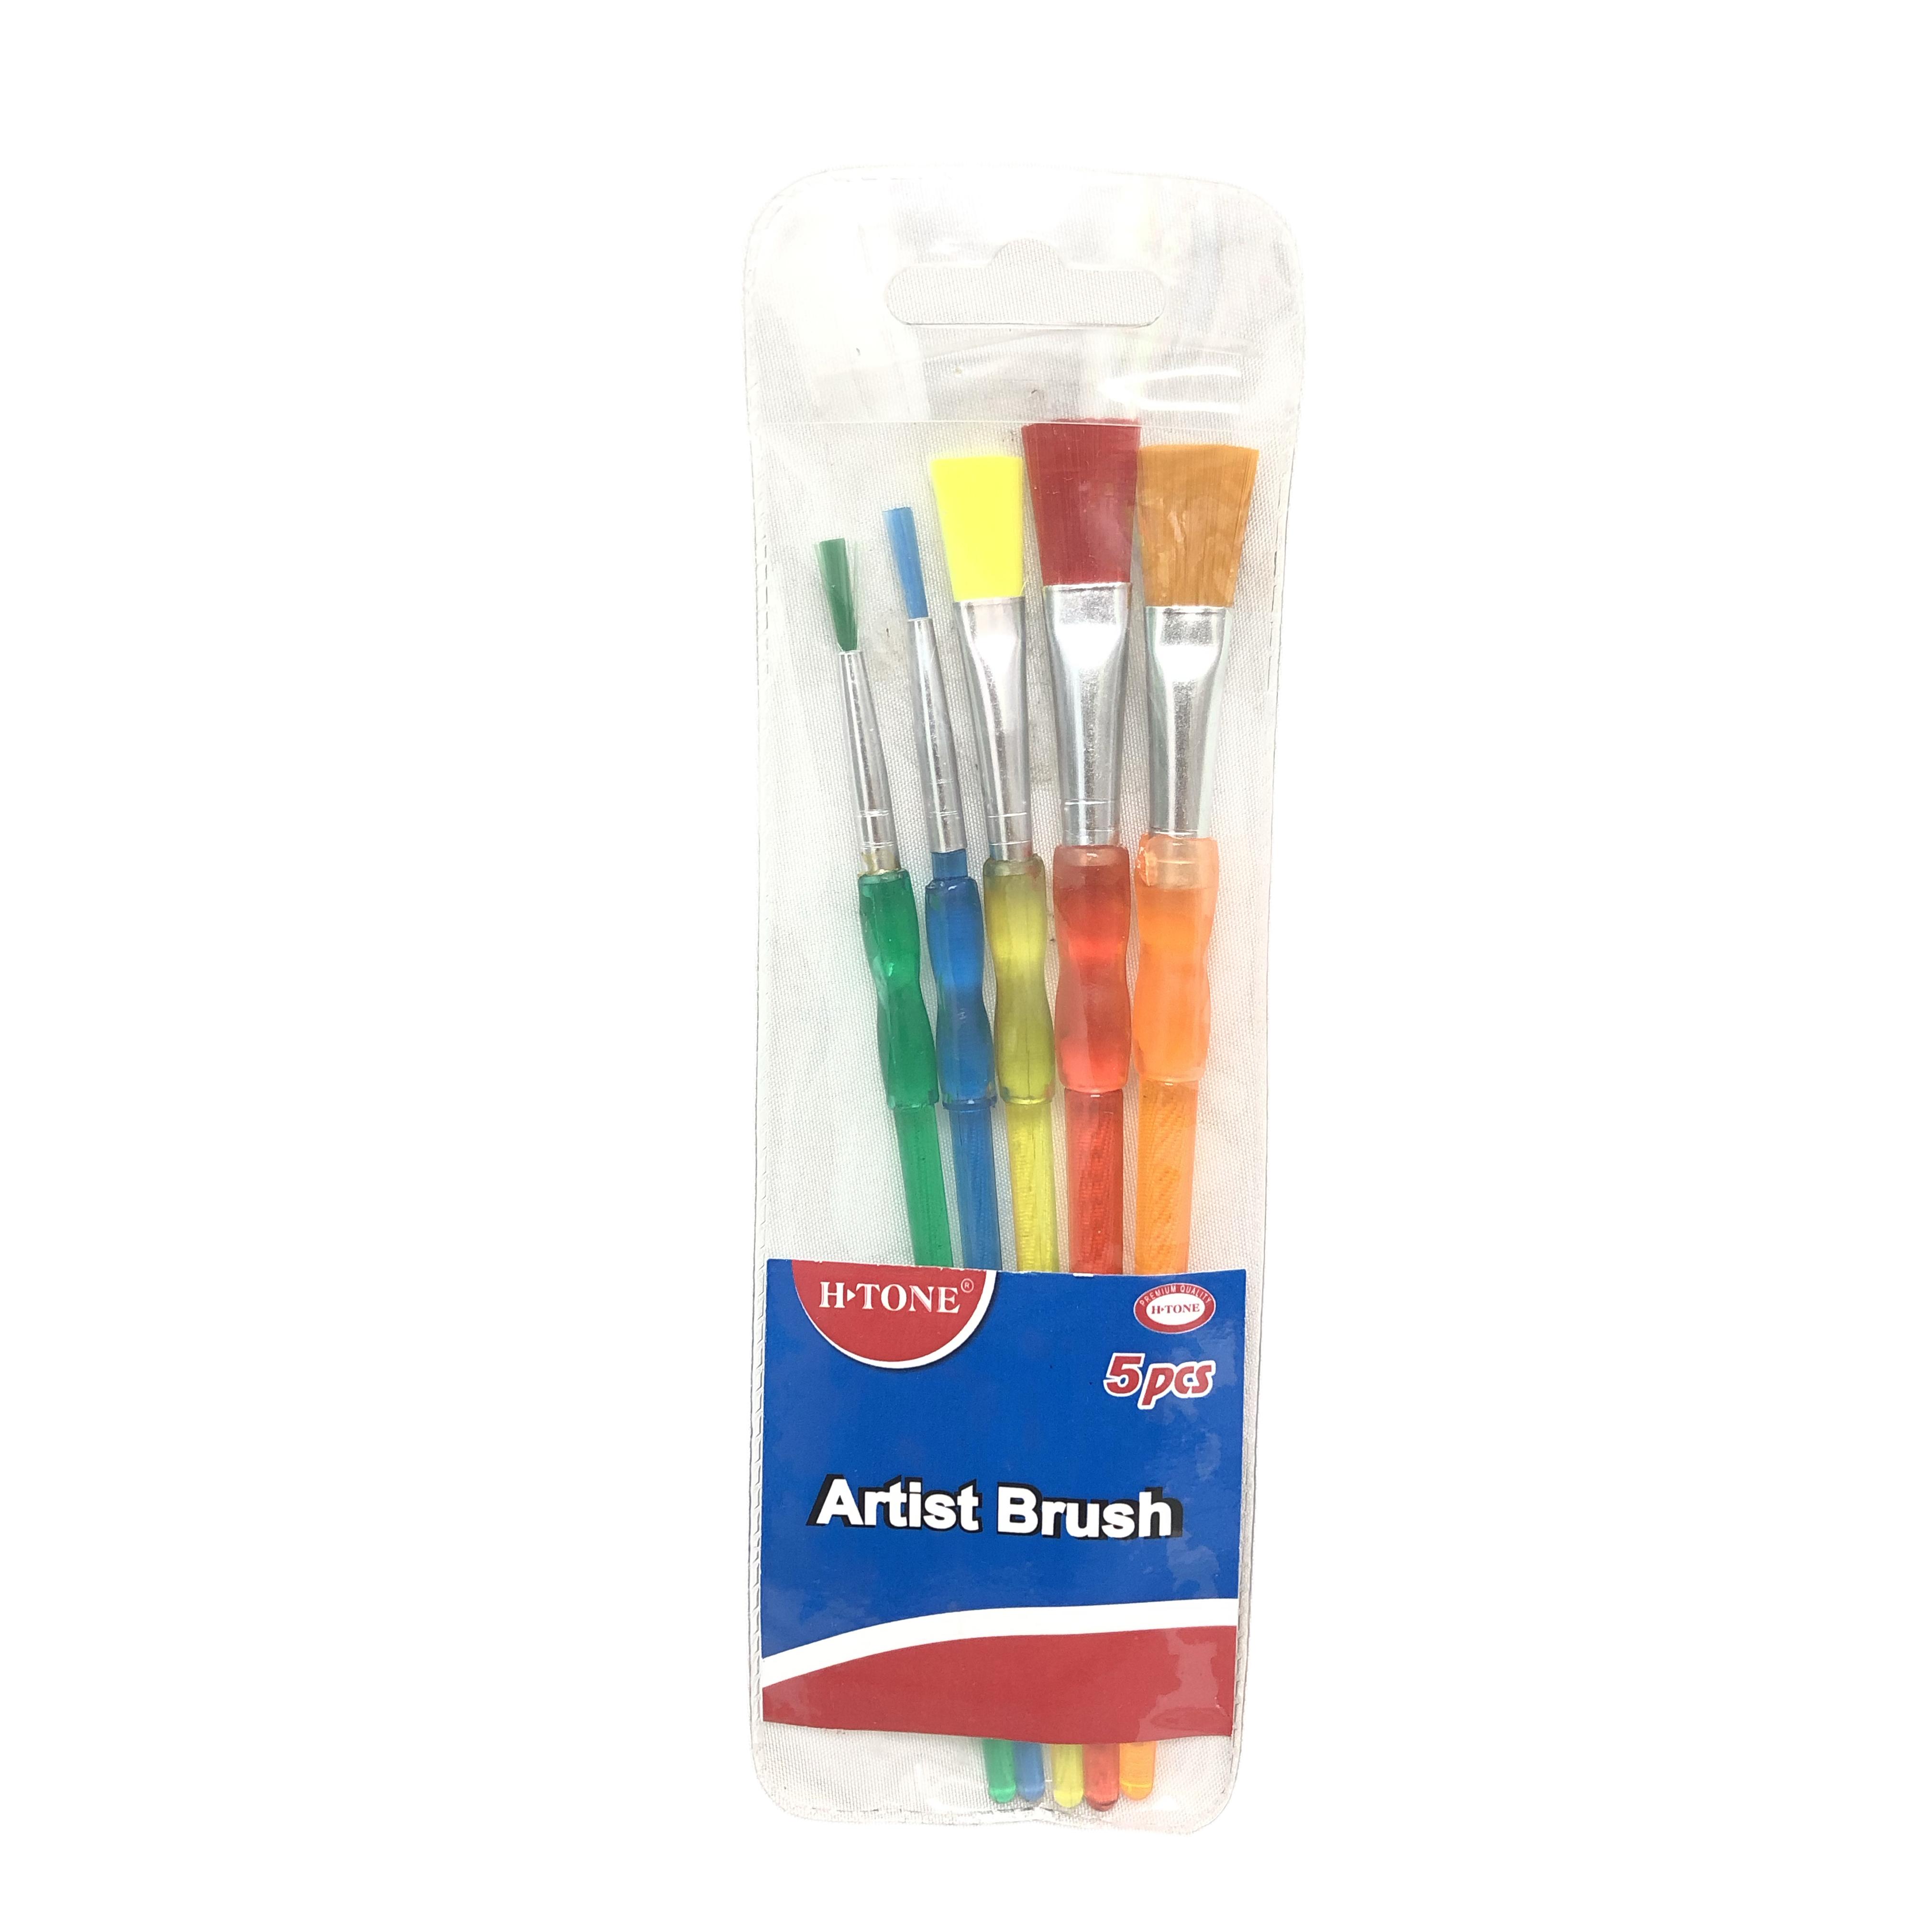 उच्च गुणवत्ता वरिष्ठ पेंटिंग कलाकार सेट कला की आपूर्ति पेंट ब्रश एक्रिलिक पानी के रंग का पेंट ब्रश